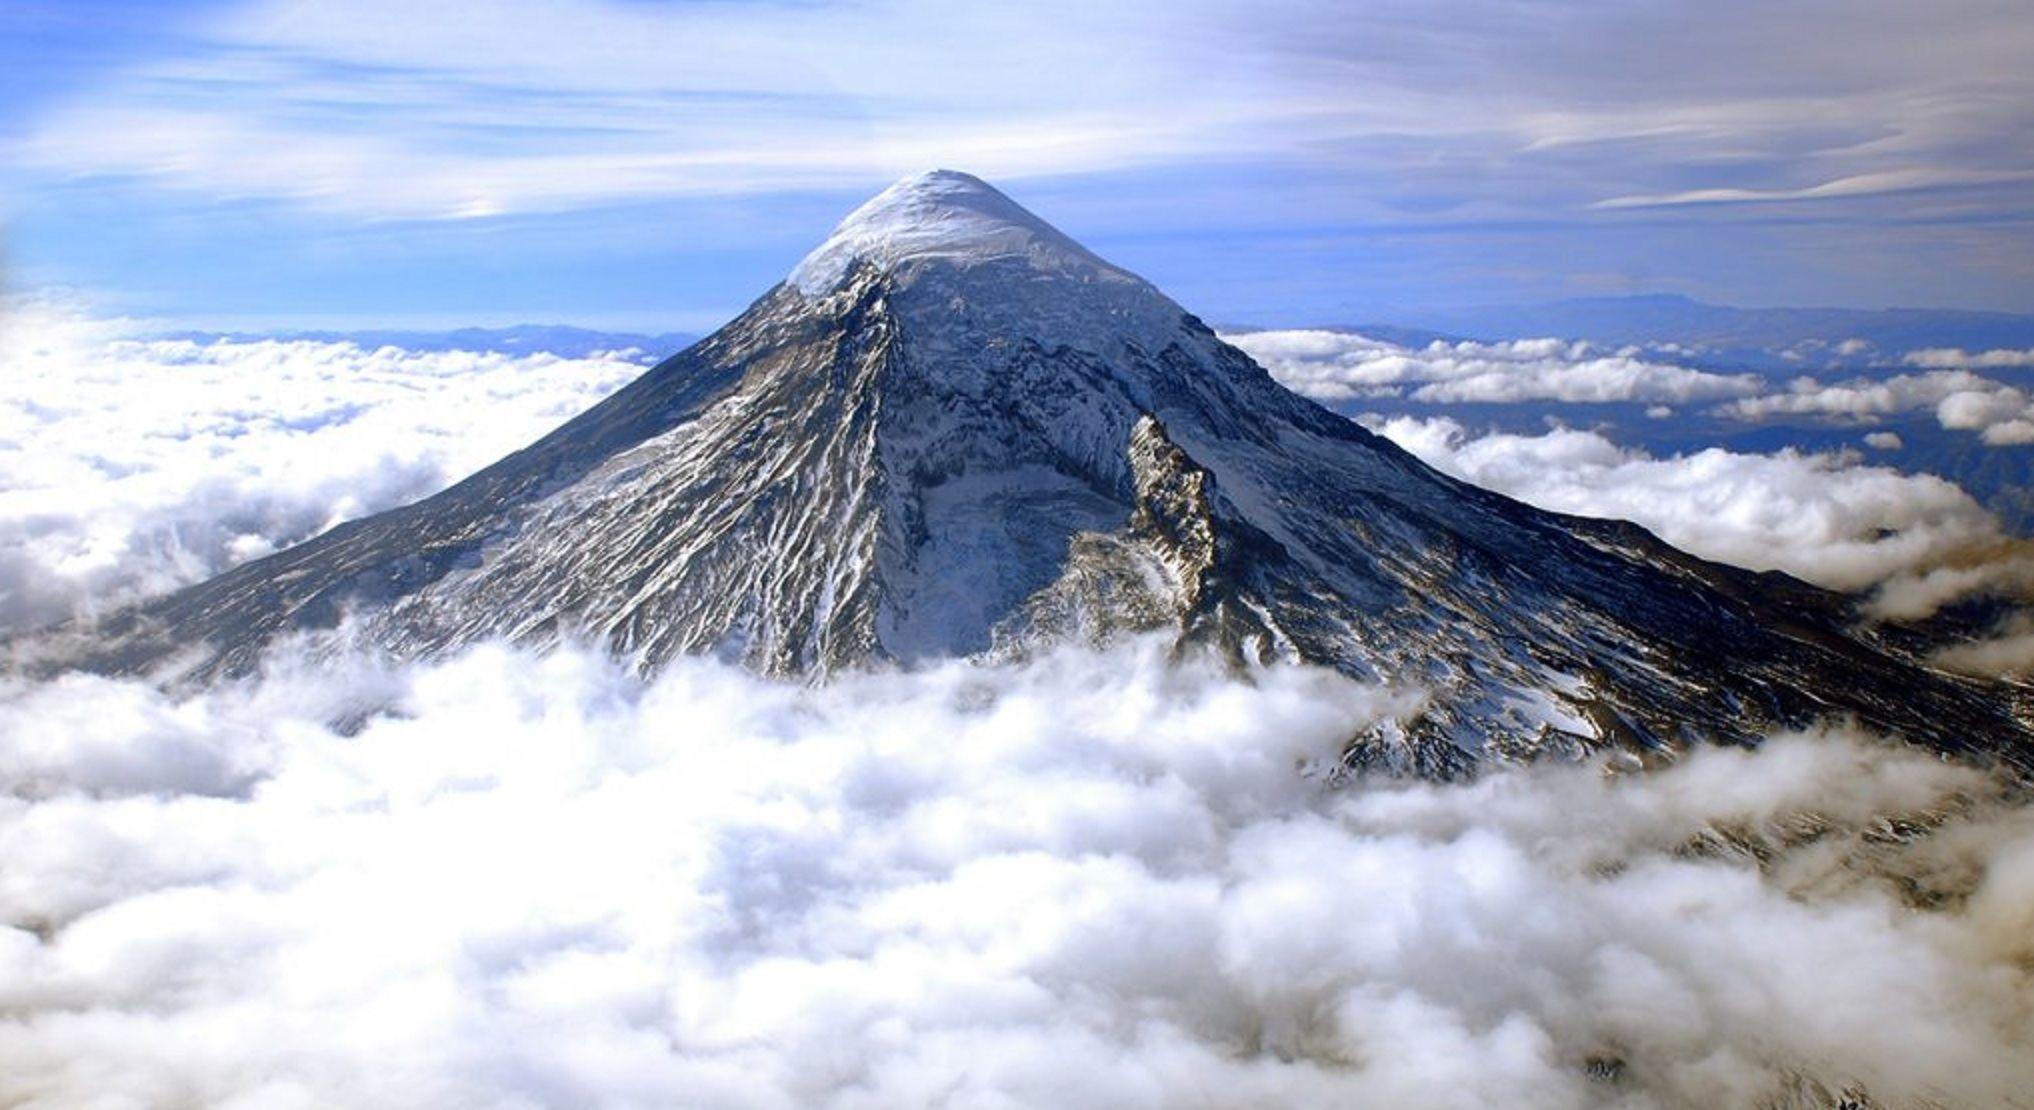 Hallaron muerto al andinista que había caído por una grieta del volcán Lanín